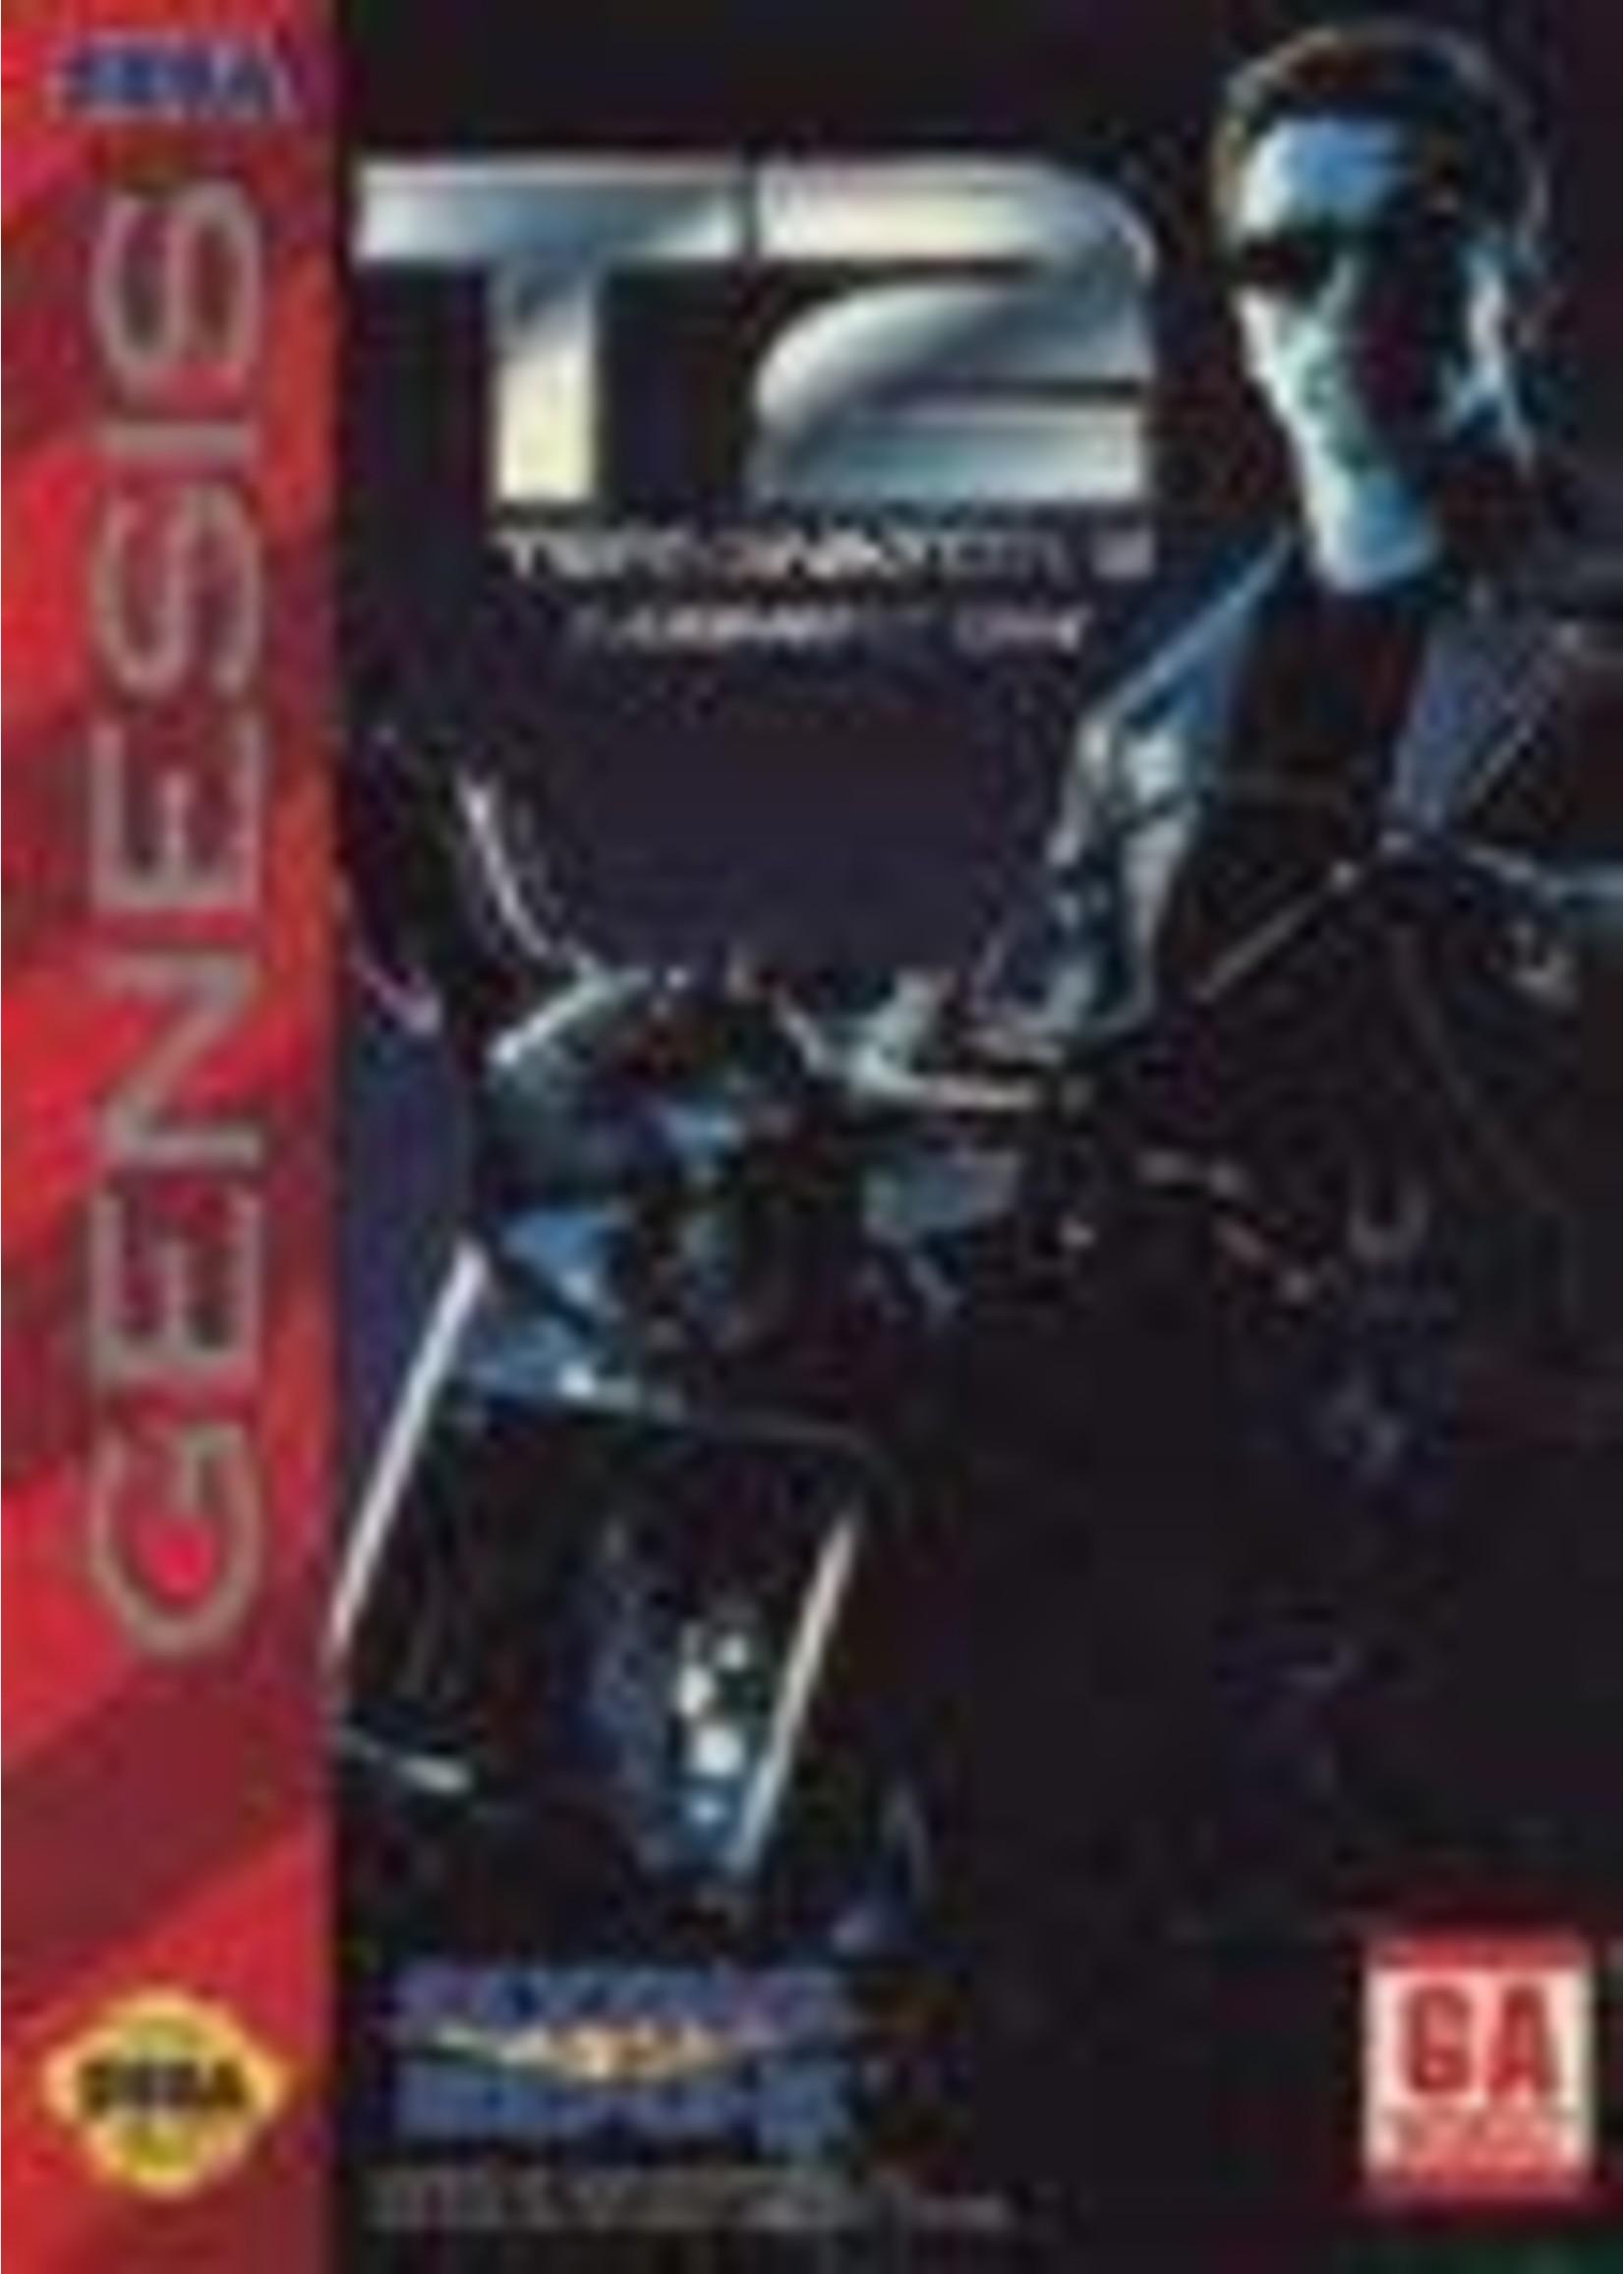 Terminator 2 Judgment Day Sega Genesis